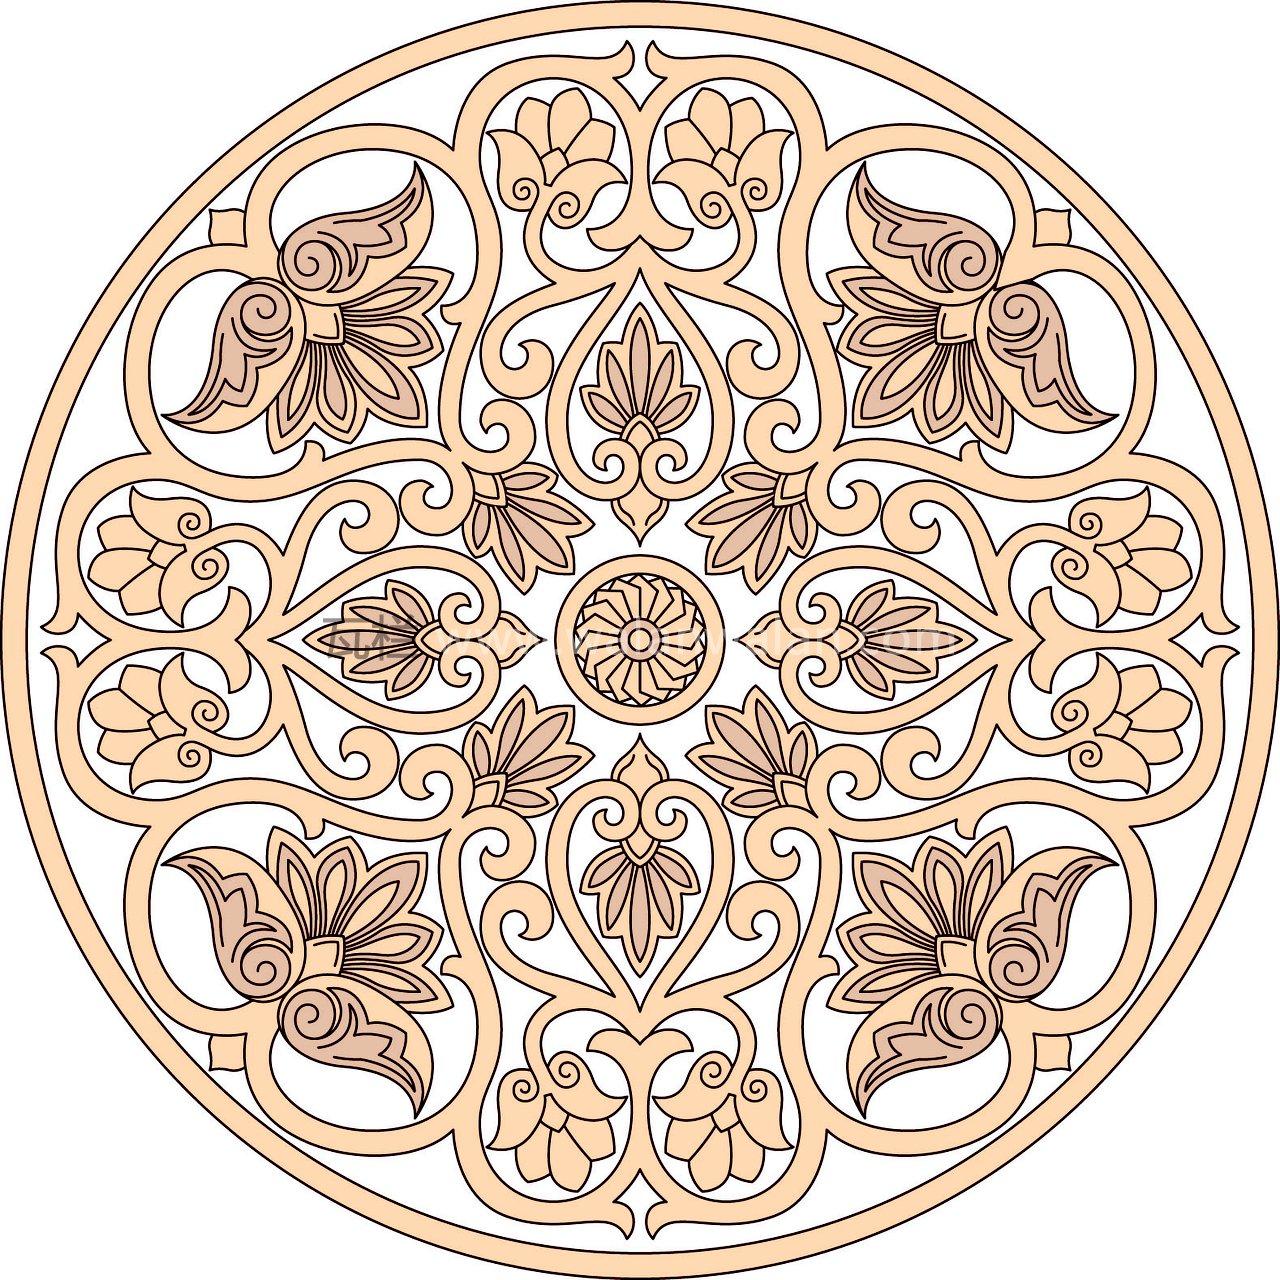 單色圓形青花瓷盤子花紋ai矢量文件